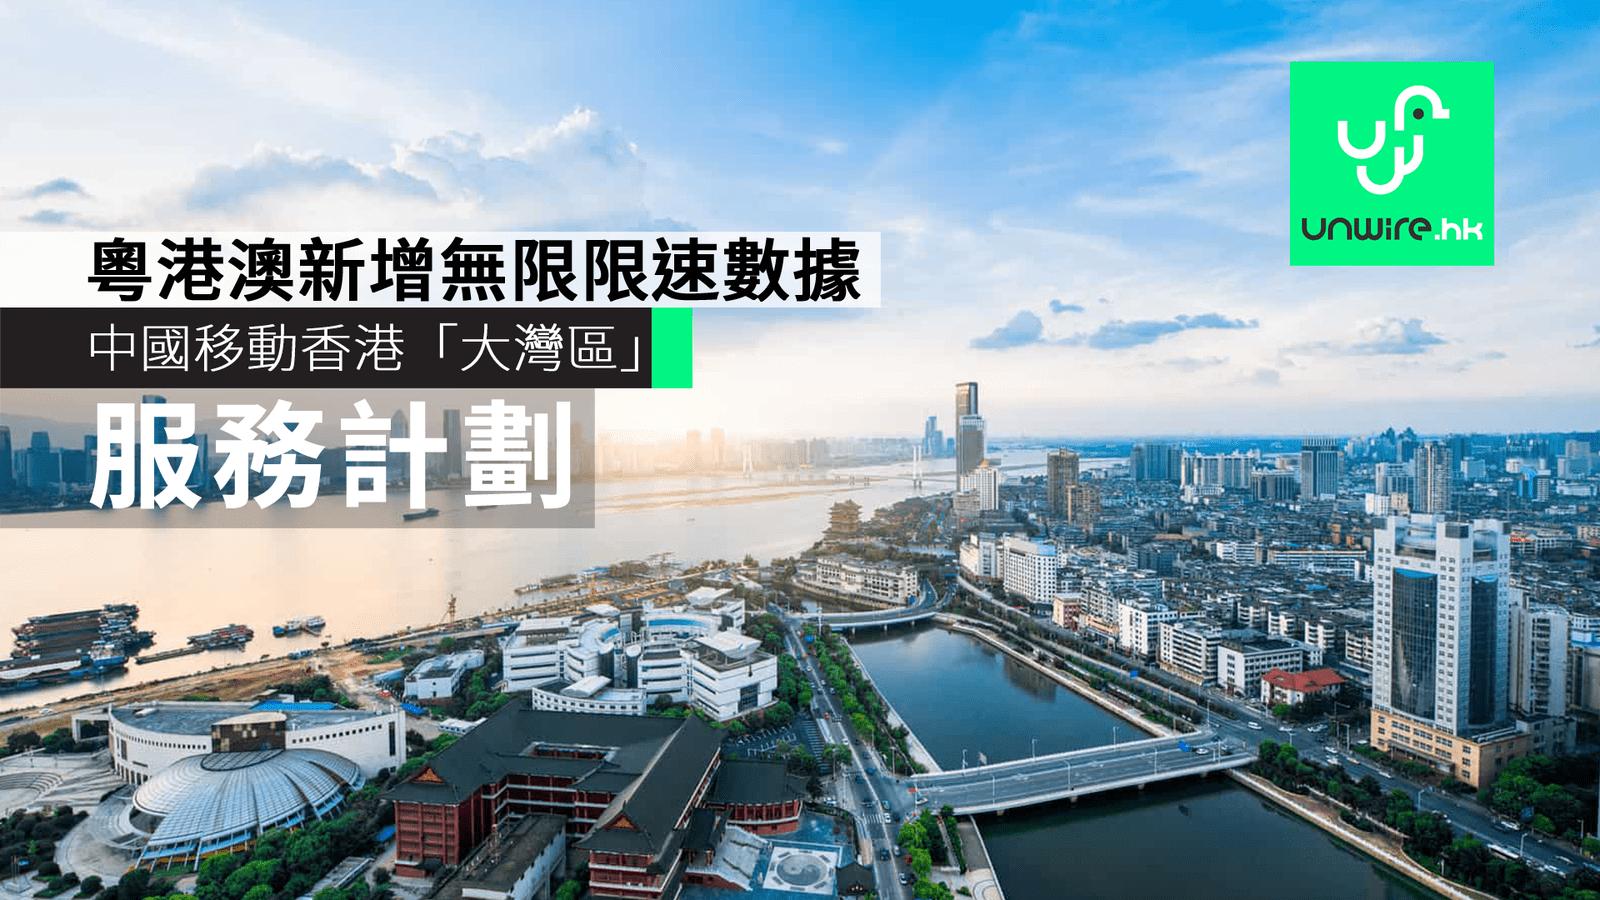 中國移動香港推出「大灣區服務計劃」 粵港澳三地新增無限限速數據